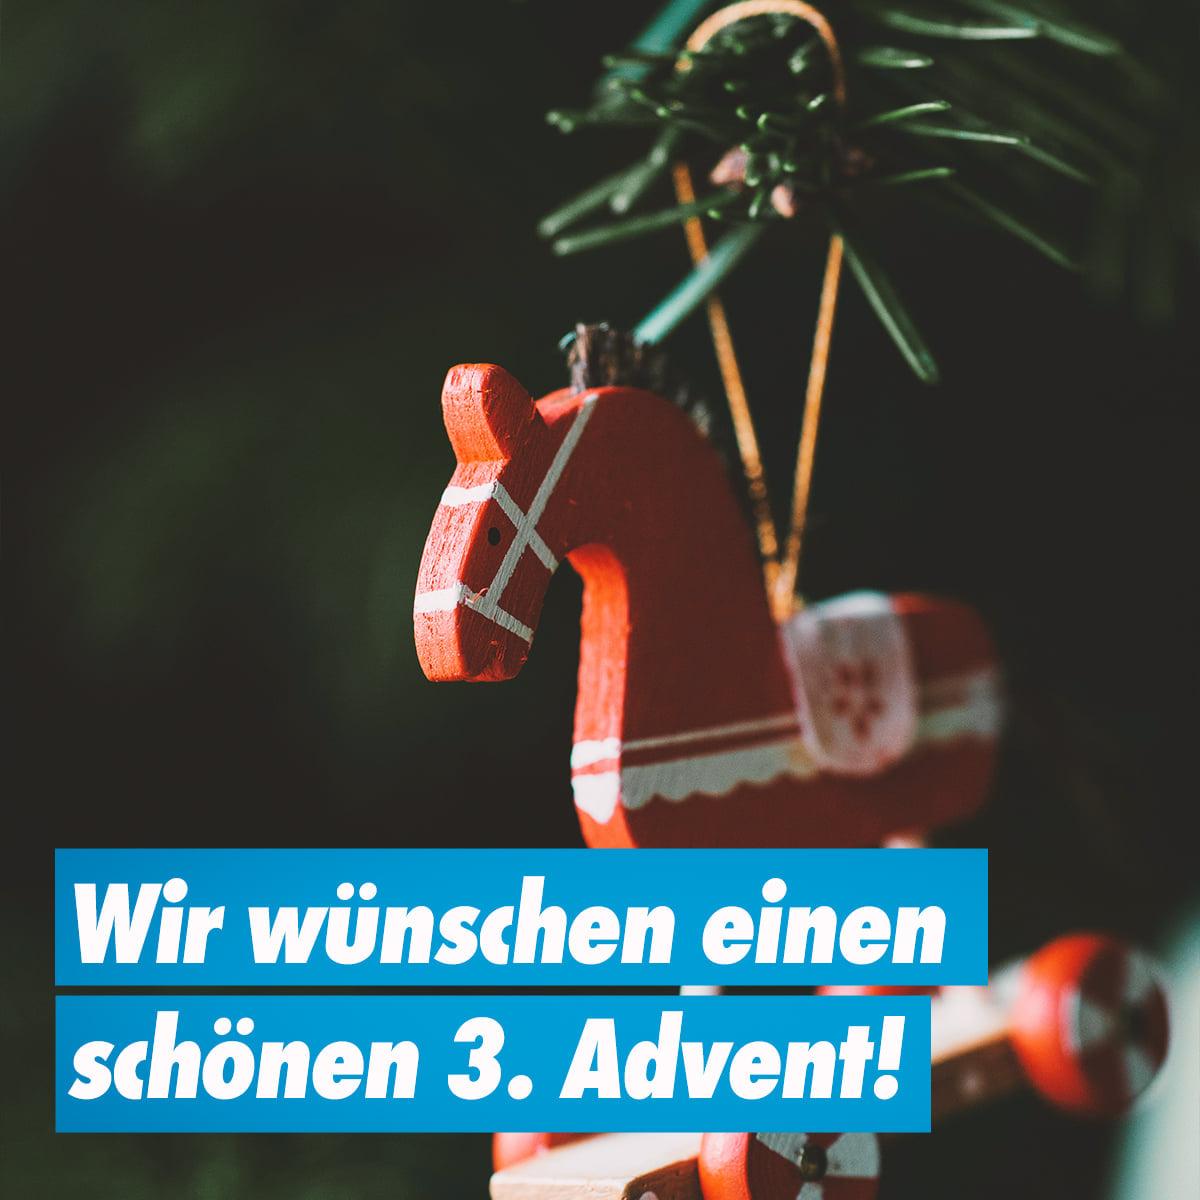 Wir wünschen einen schönen 3. Advent!